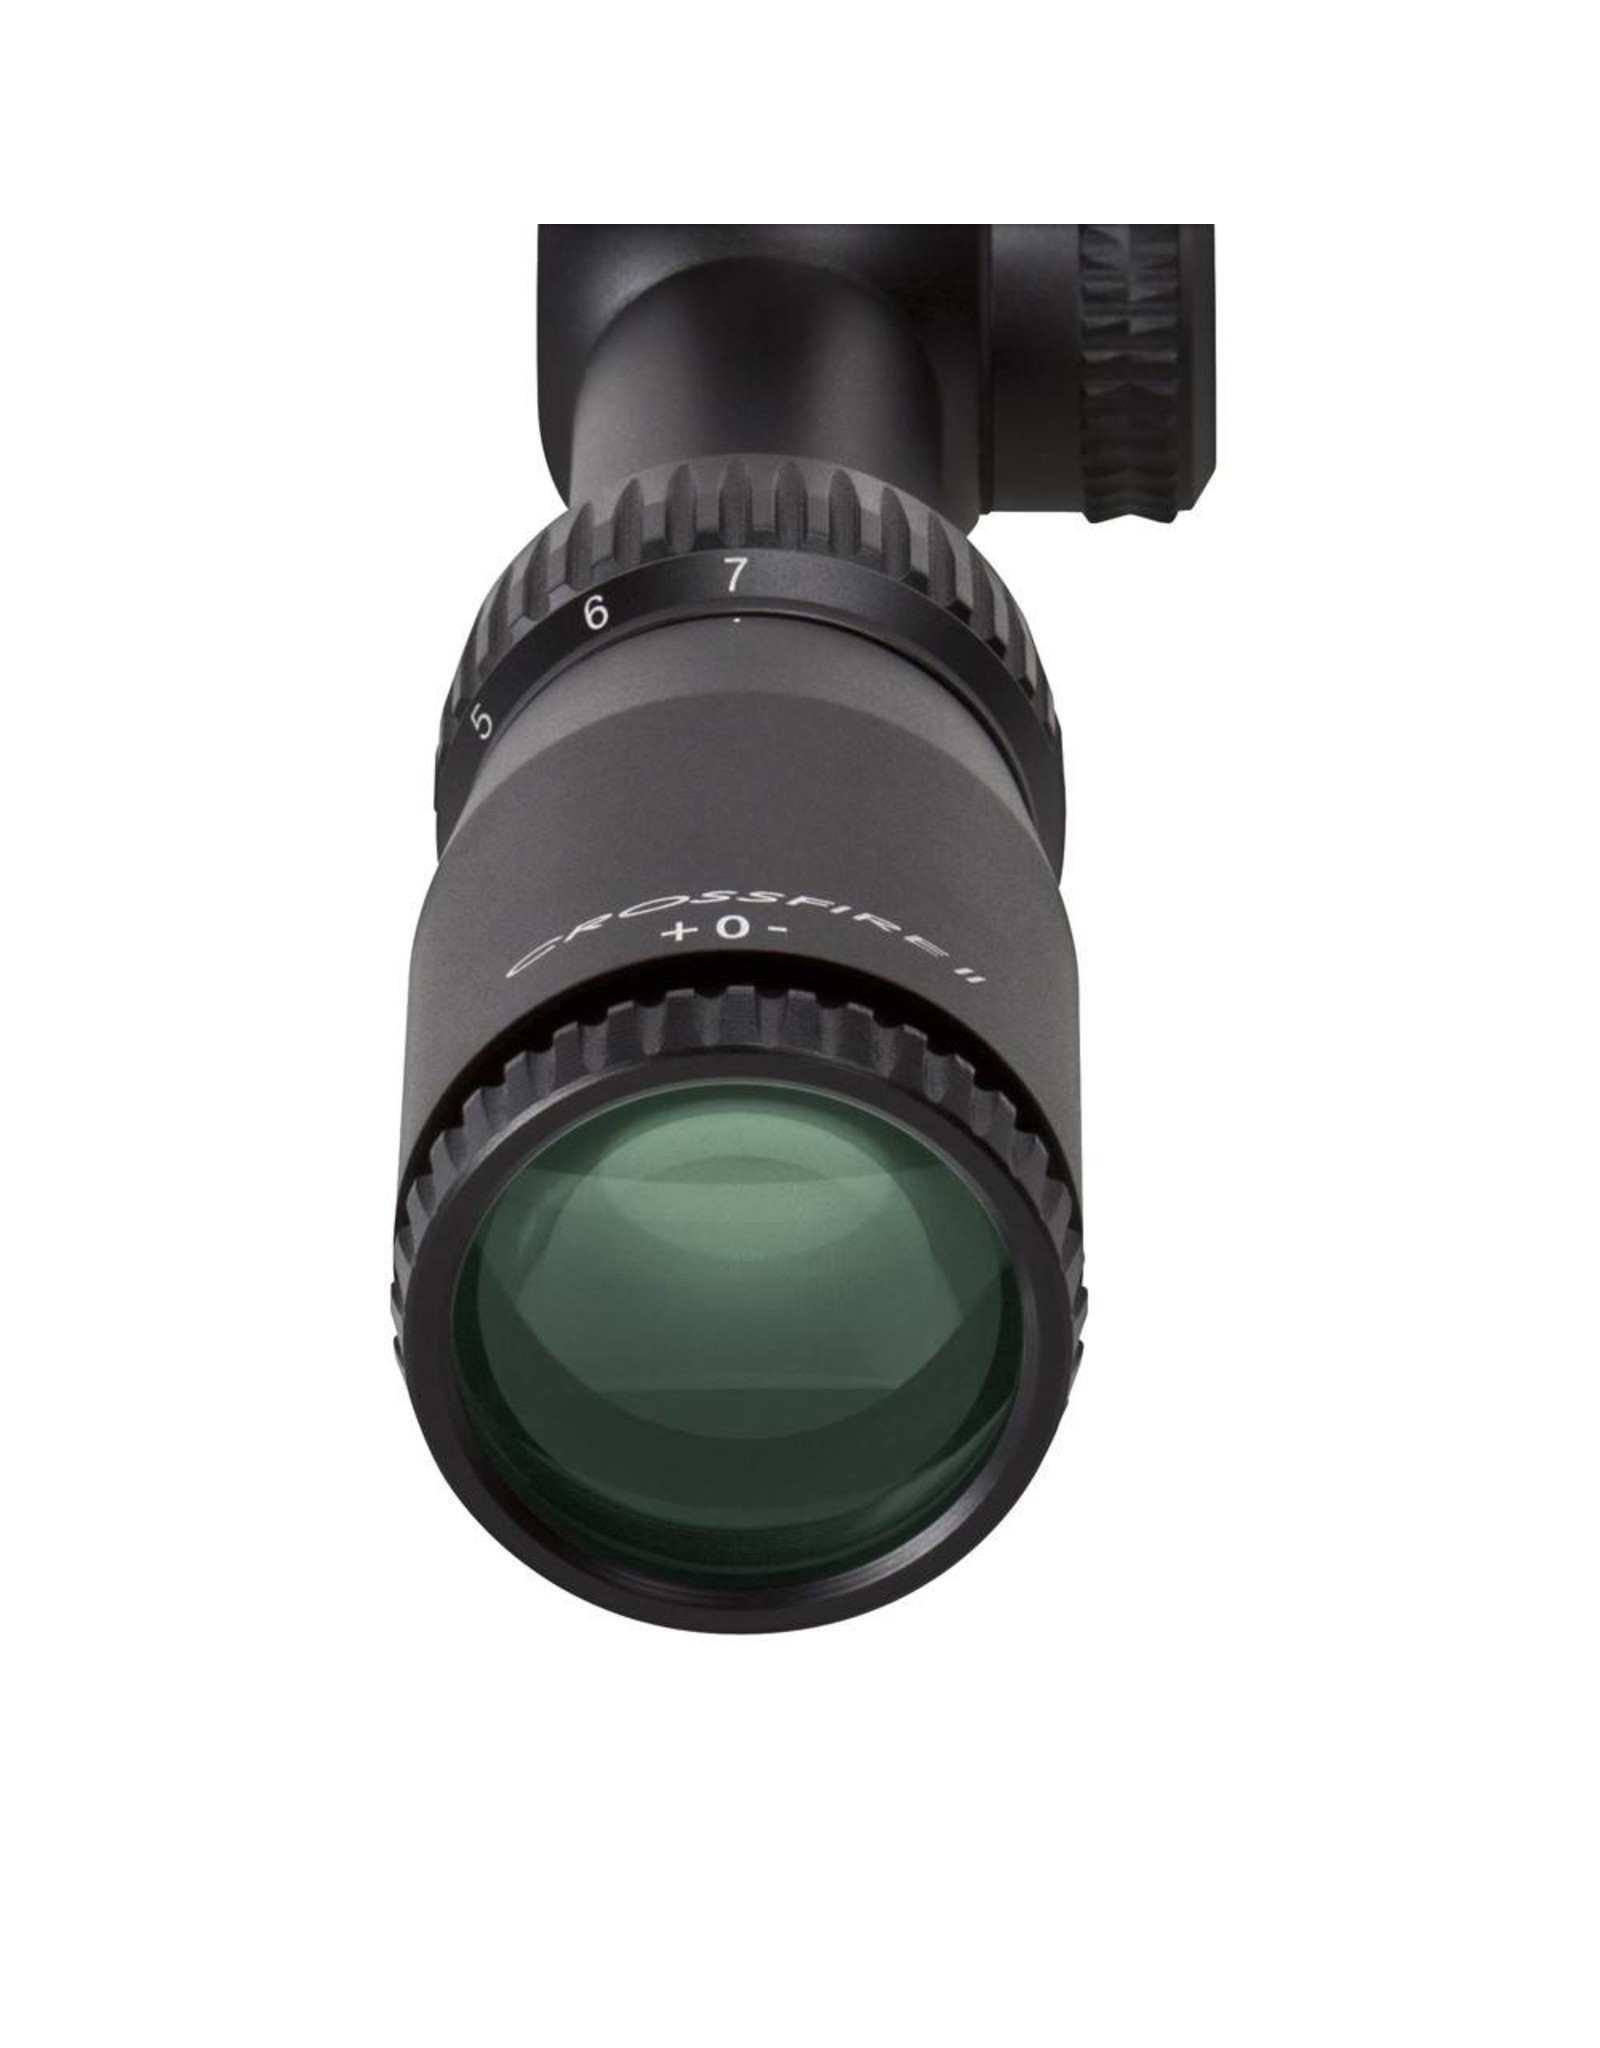 Vortex Vortex Crossfire II 2-7x32 Riflescope (1-Inch) BDC